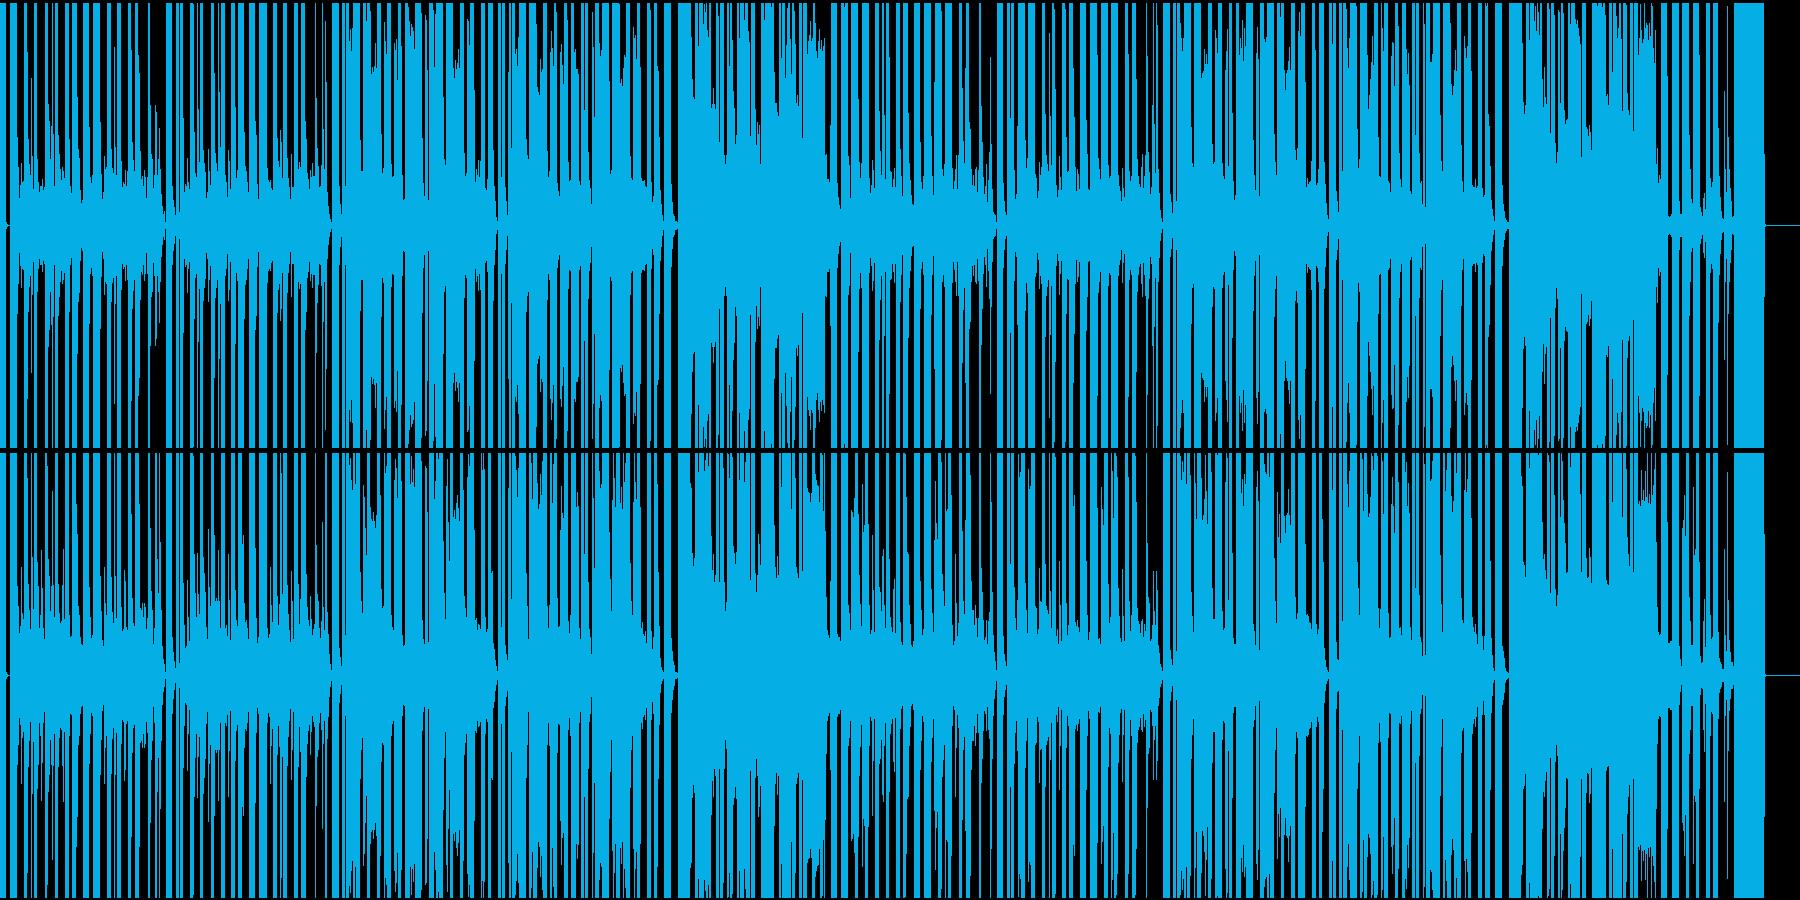 ドット系ゲームに最適な8bitBGMの再生済みの波形